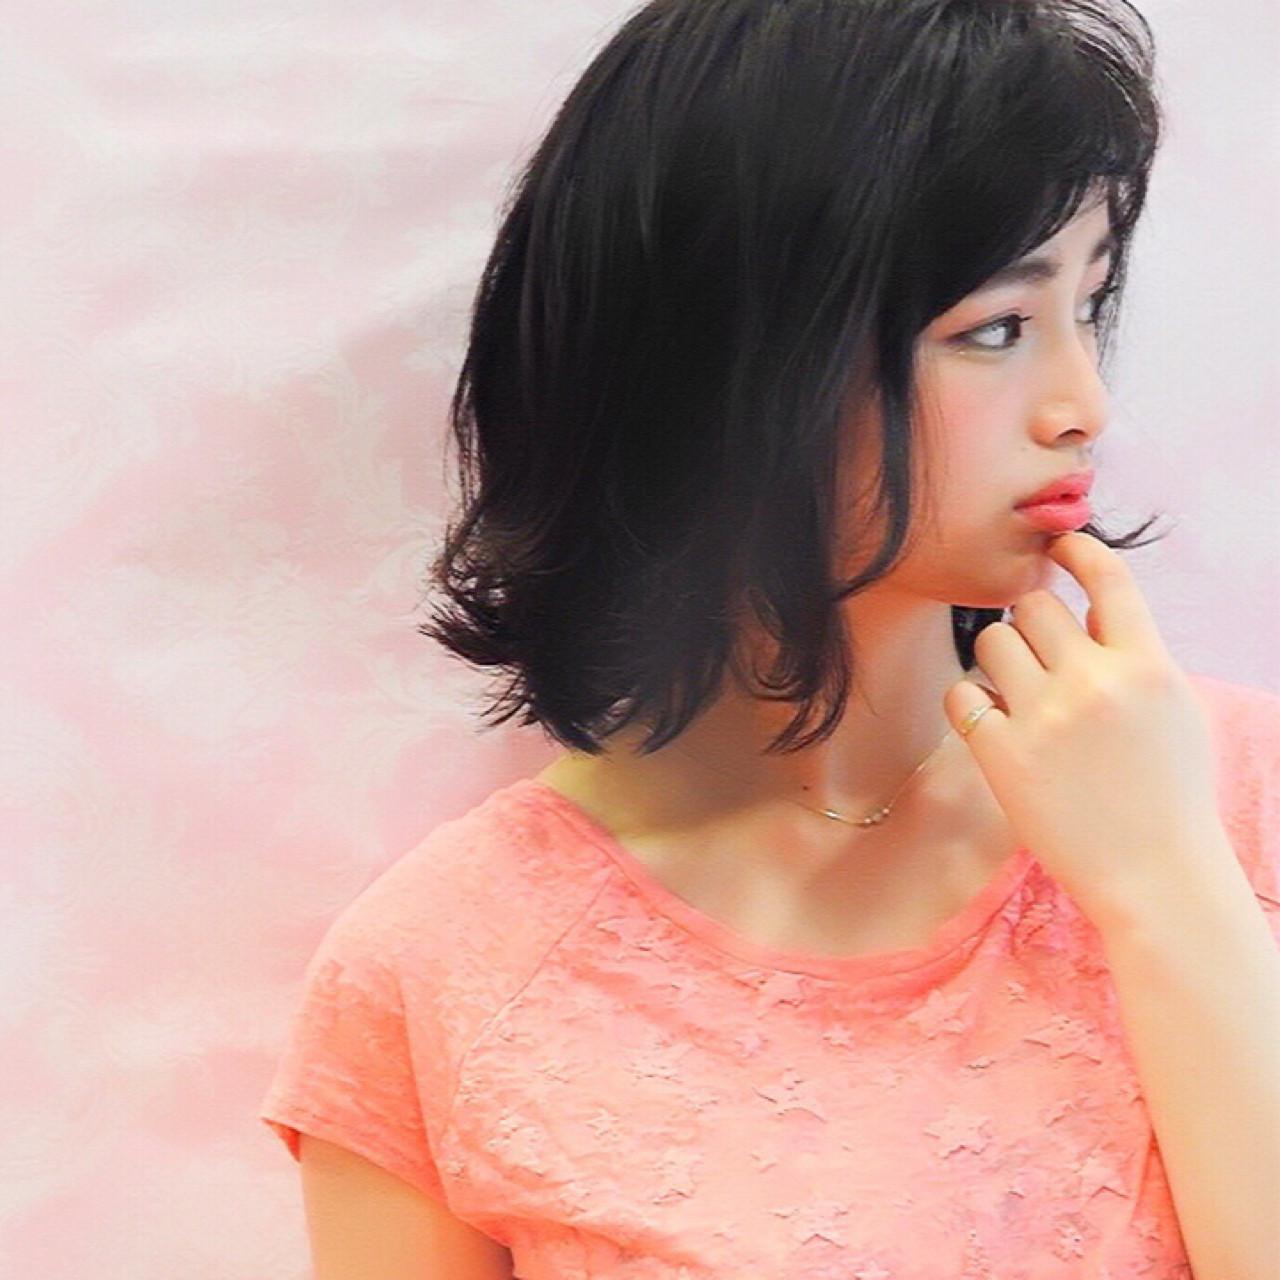 無造作 外国人風 ナチュラル リラックス ヘアスタイルや髪型の写真・画像 | 竹村 春香 / 自由が丘 Hair Salon pele